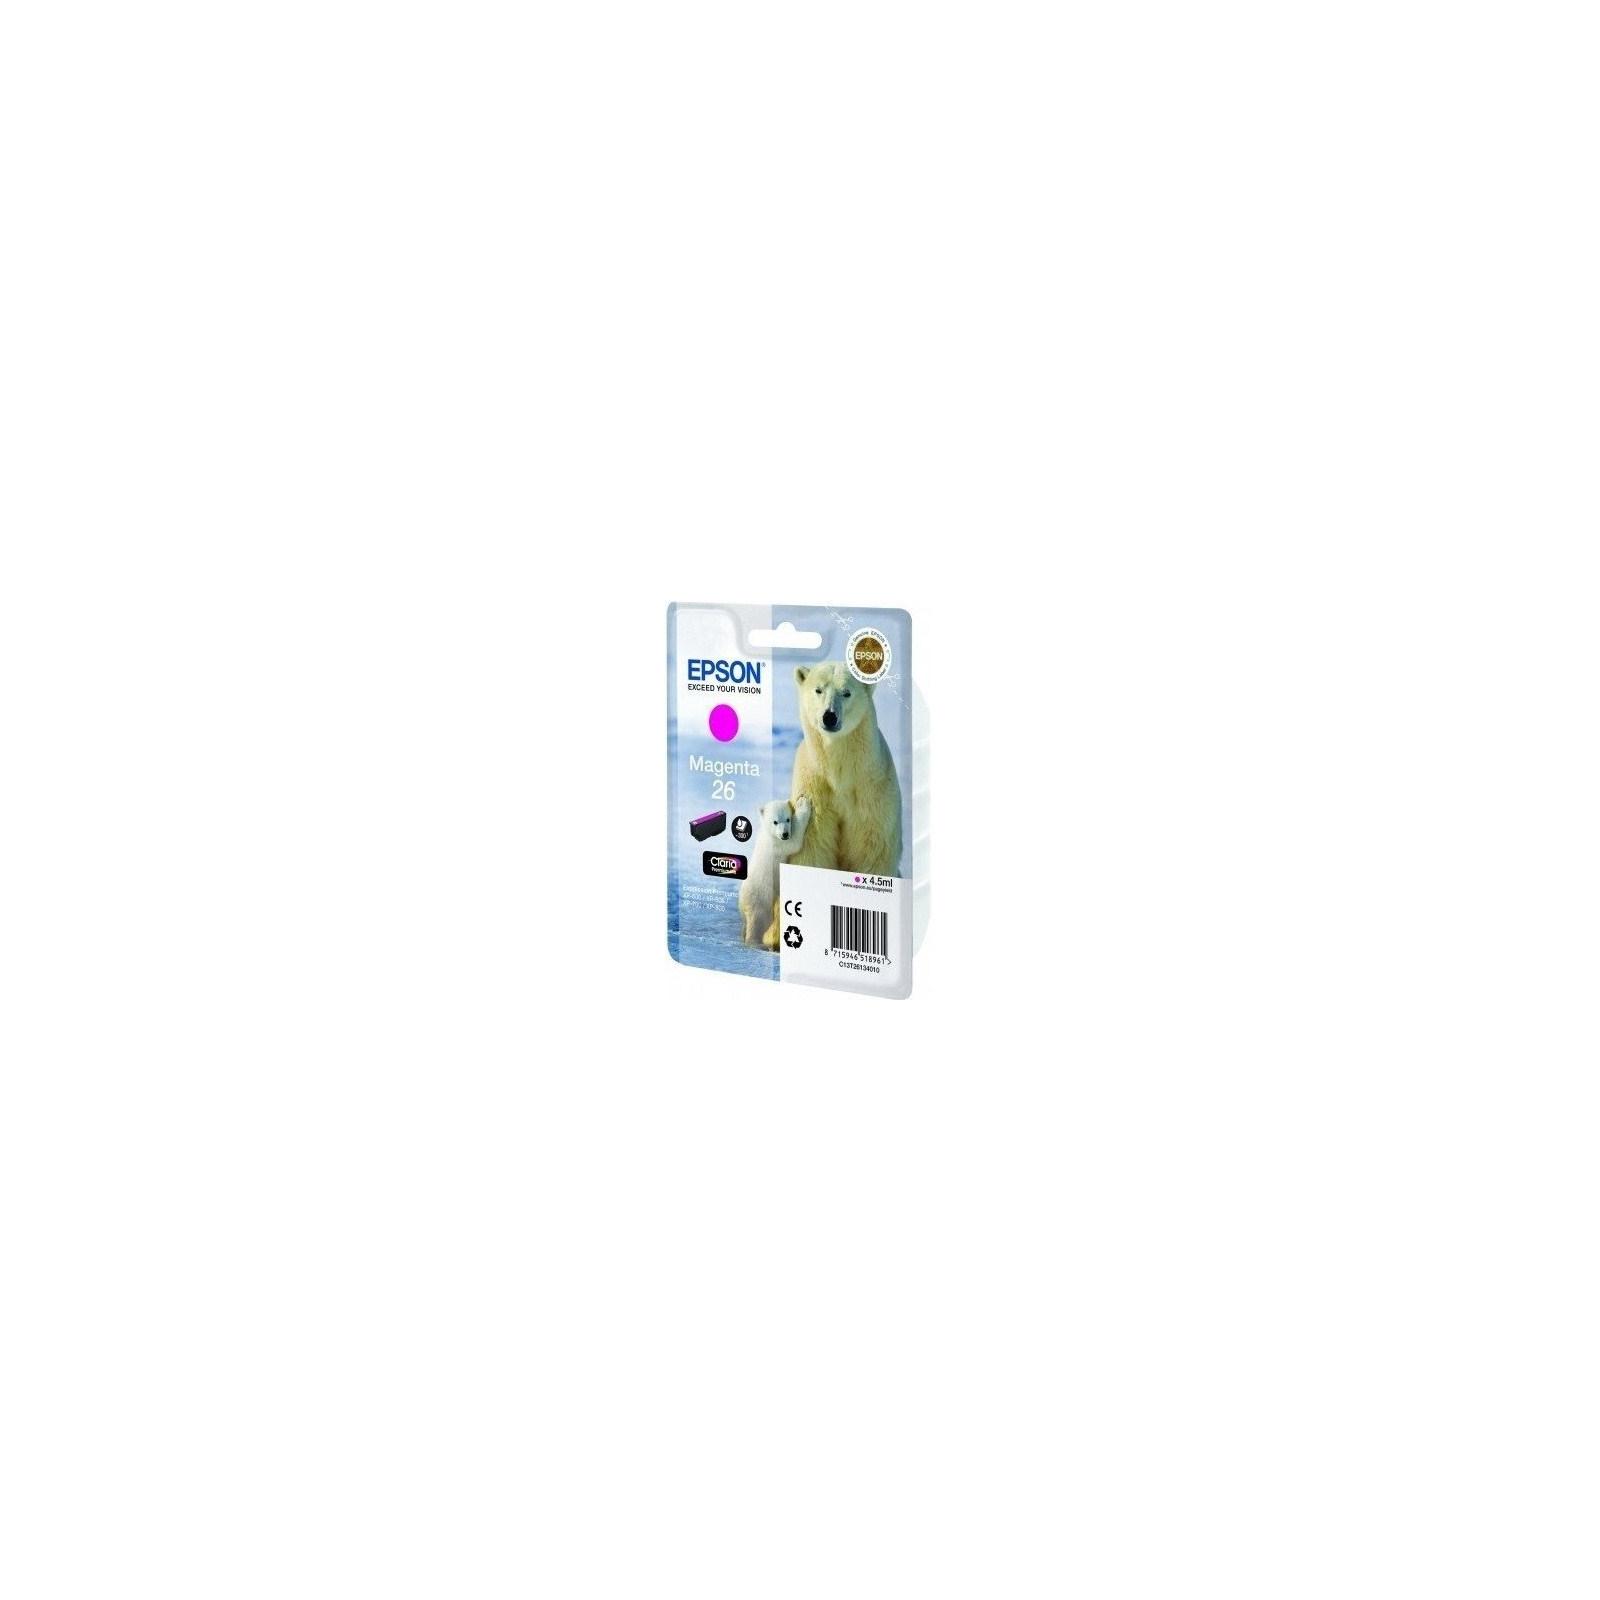 Картридж EPSON 26 XP600/605/700 magenta (C13T26134010)